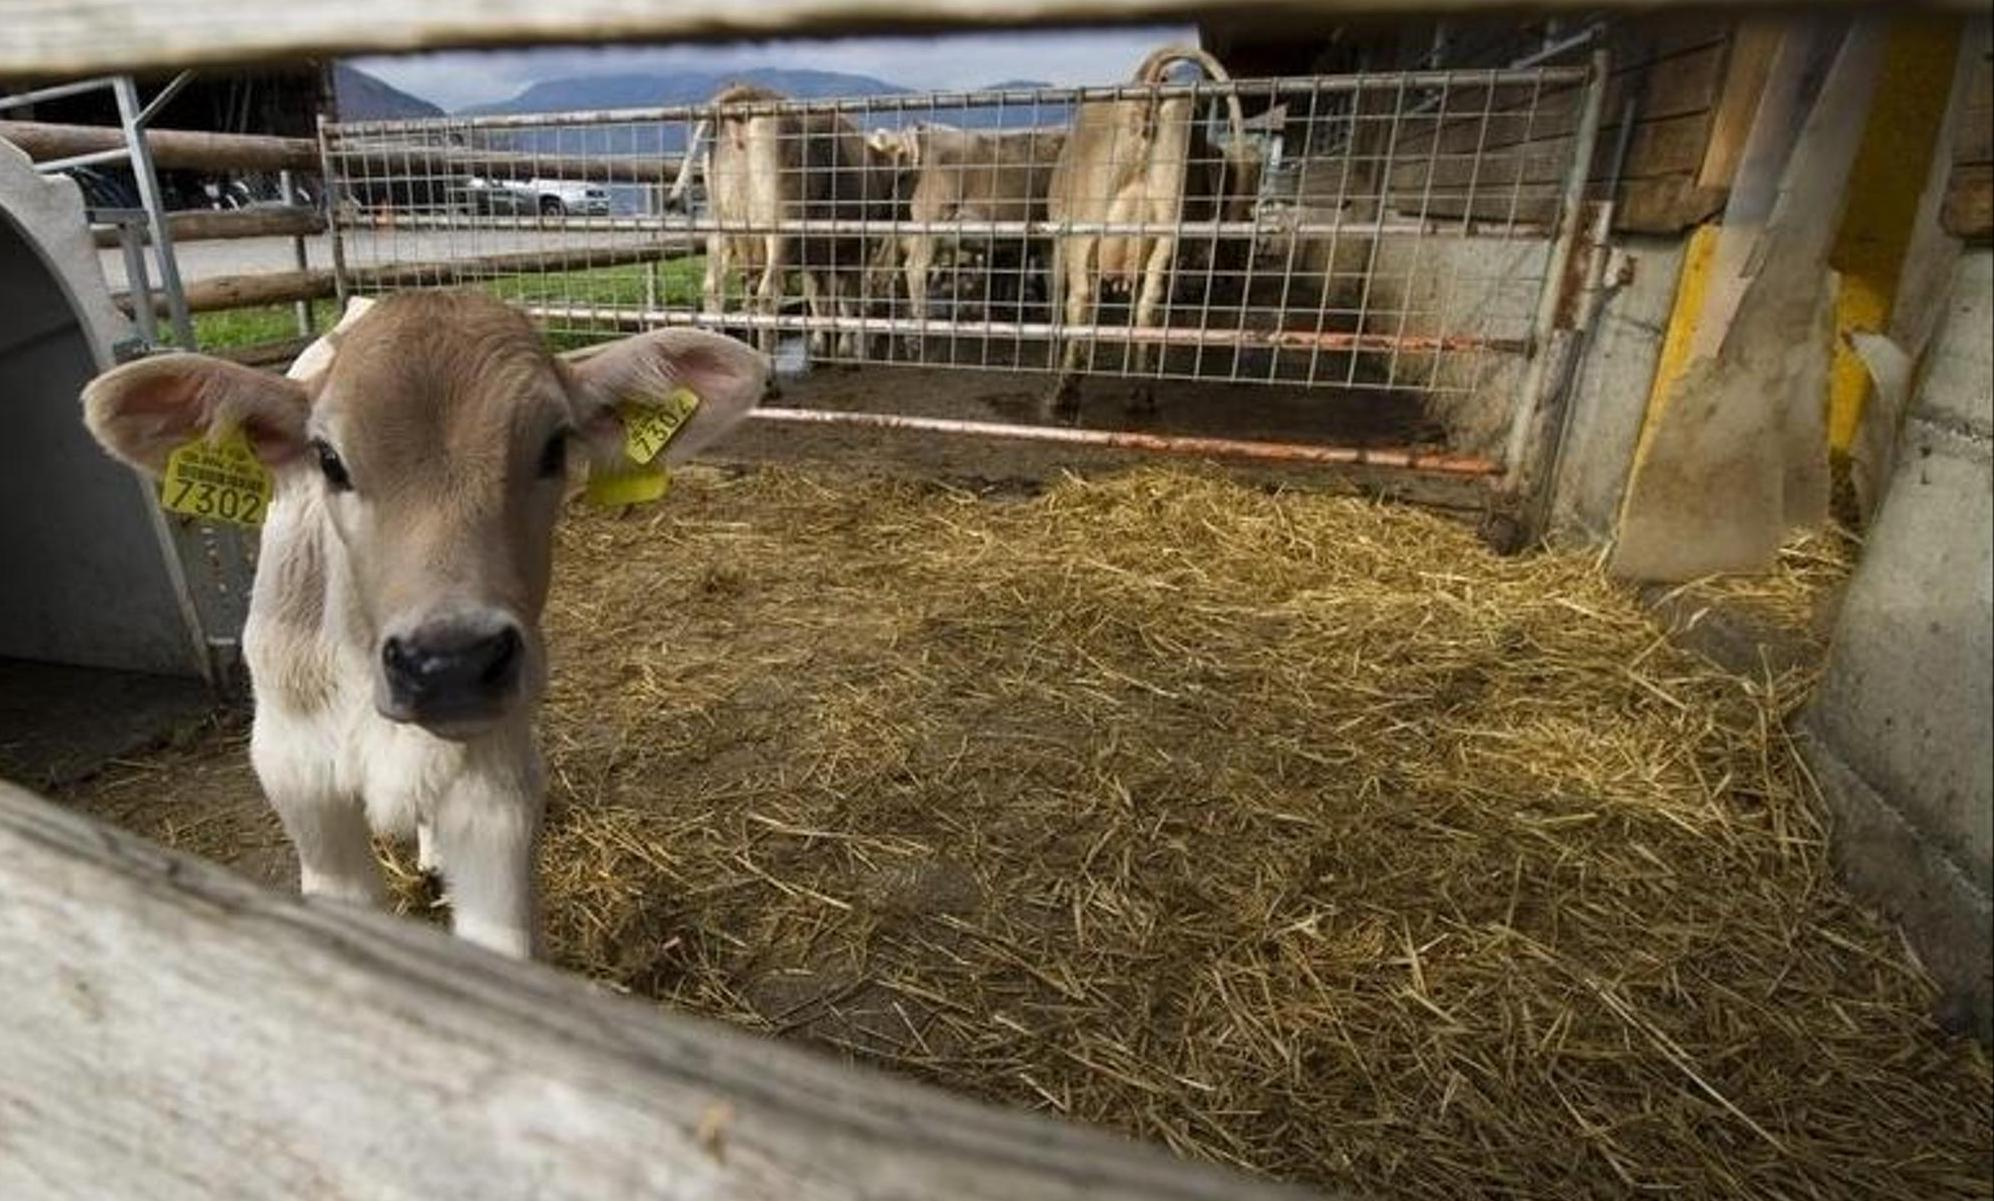 Typischerweise wird beim Anbau des Futters für die Tiere am meisten Energie eingesetzt. Es werden fast zwei Tonnen Milch und Heu benötigt, um ein Kalb mit rund 200 Kilogramm Lebendgewicht aufzuziehen. Keystone/Sigi Tischler